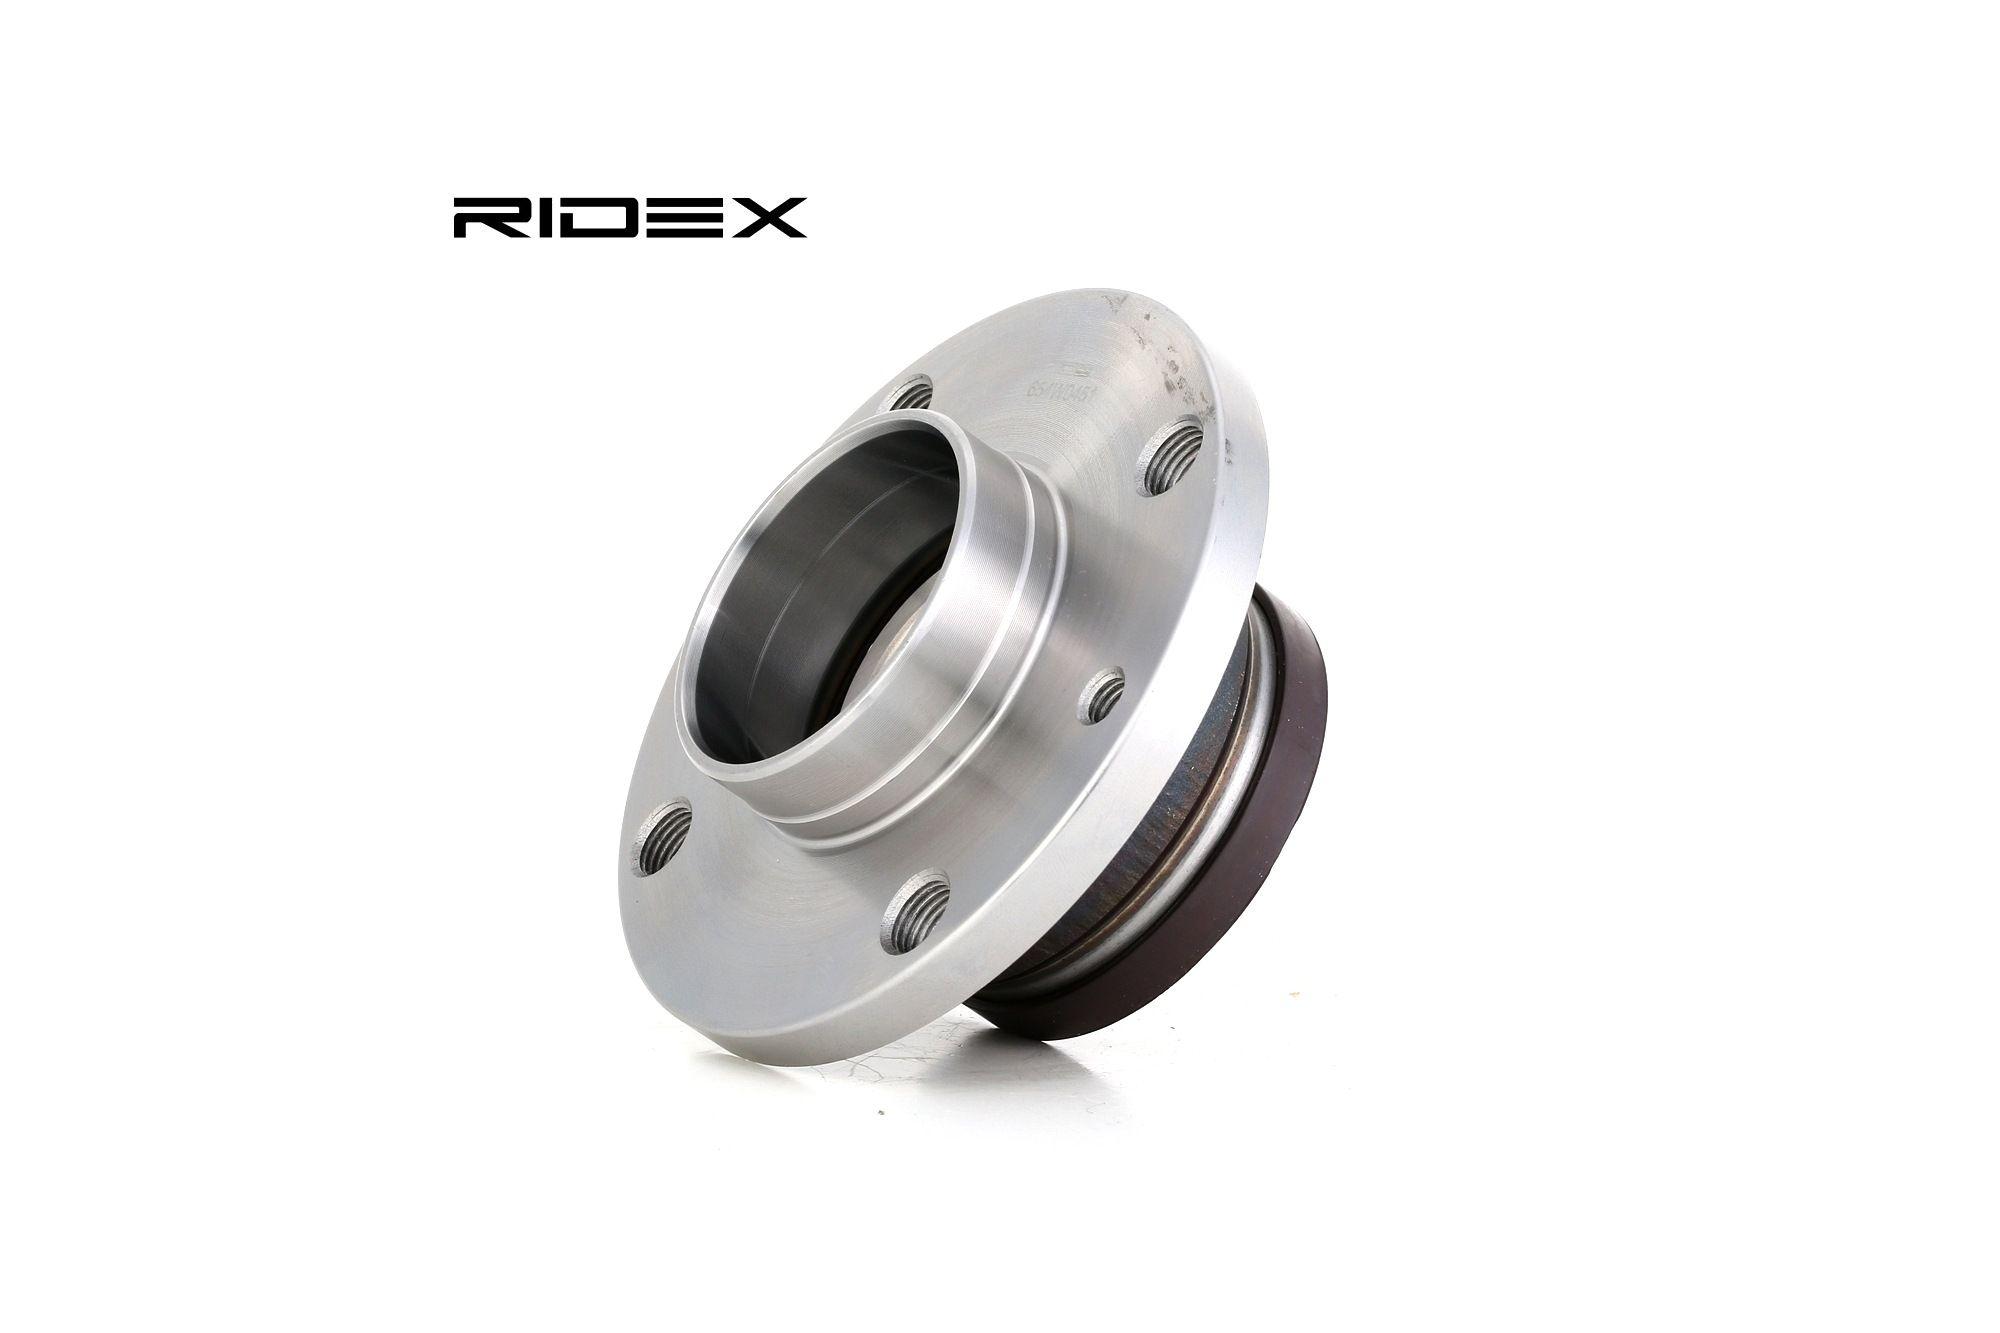 Origine Suspension et bras RIDEX 654W0451 (Ø: 118mm, Diamètre intérieur: 30, 62mm)